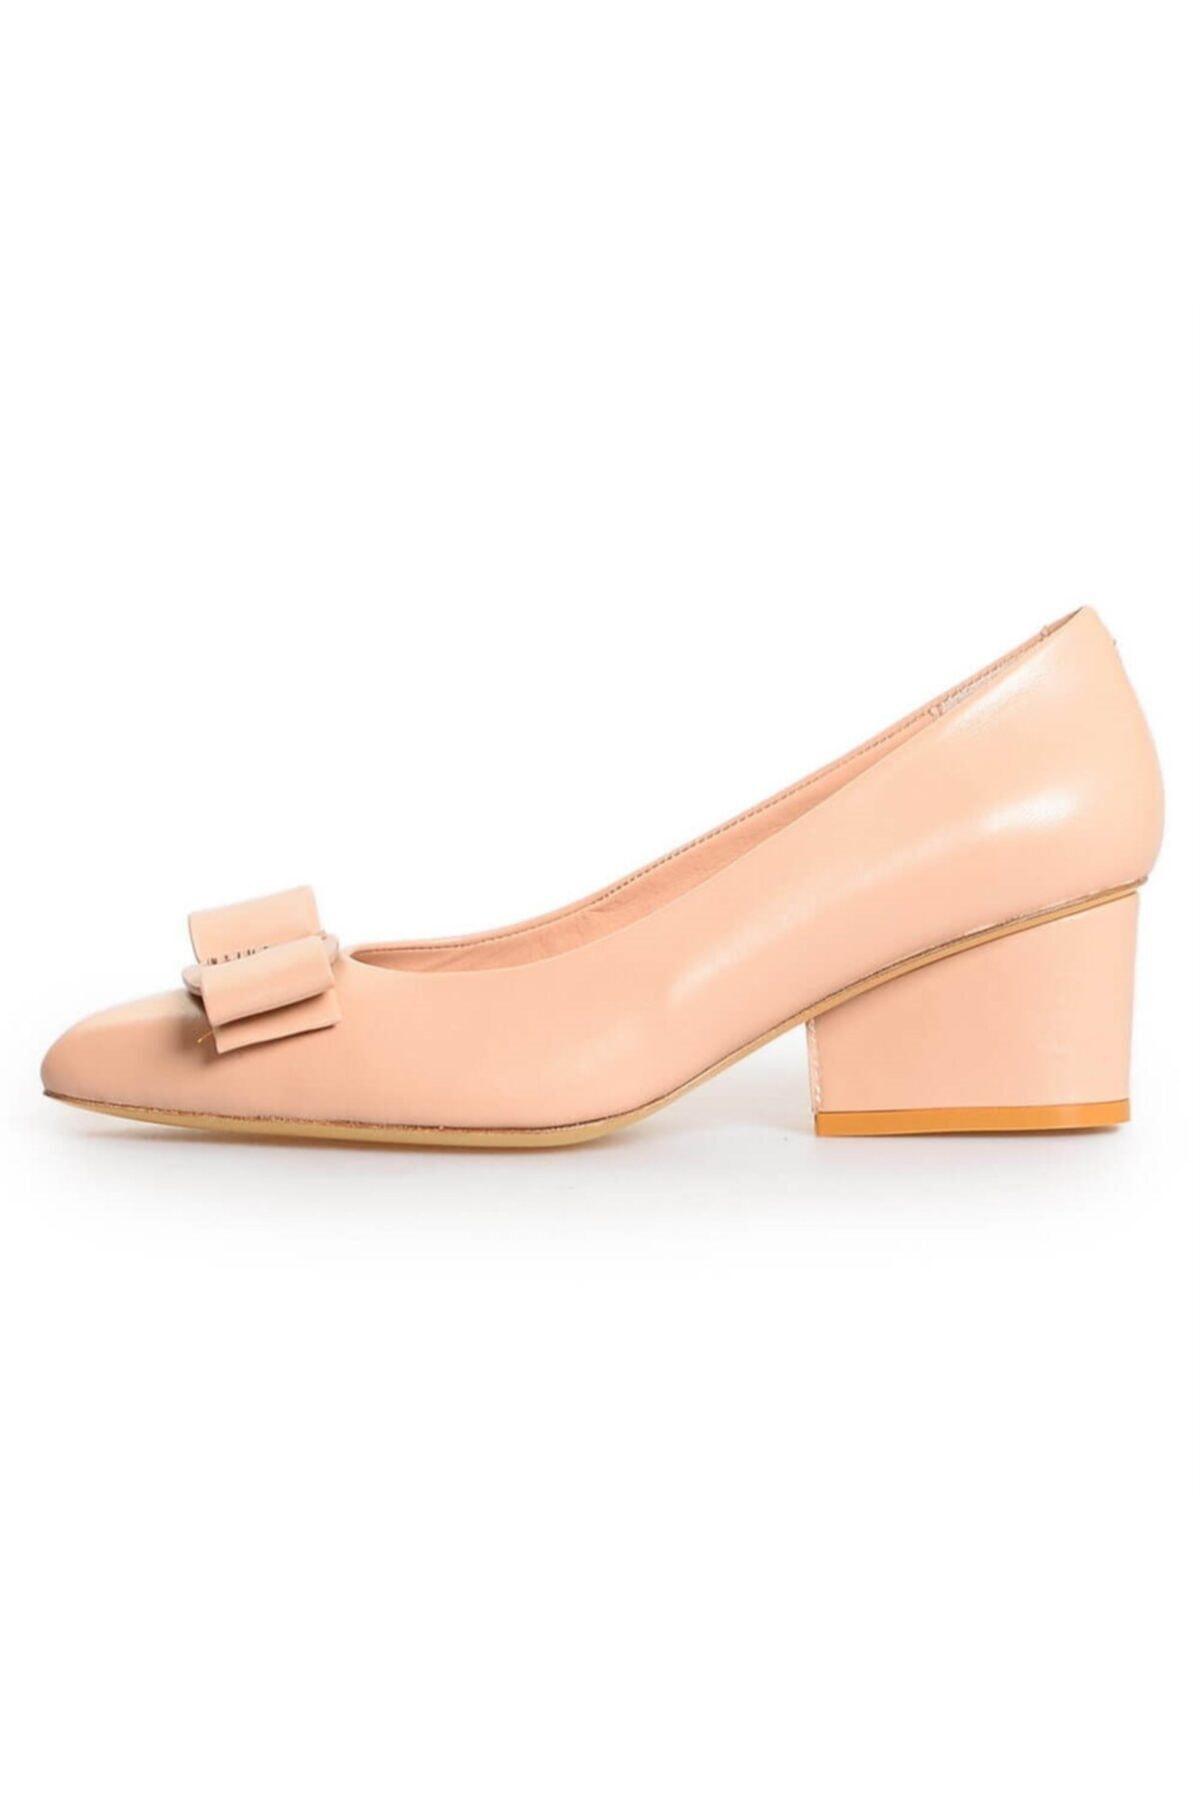 Flower Nude Deri Fiyonk Detaylı Topuklu Ayakkabı 1